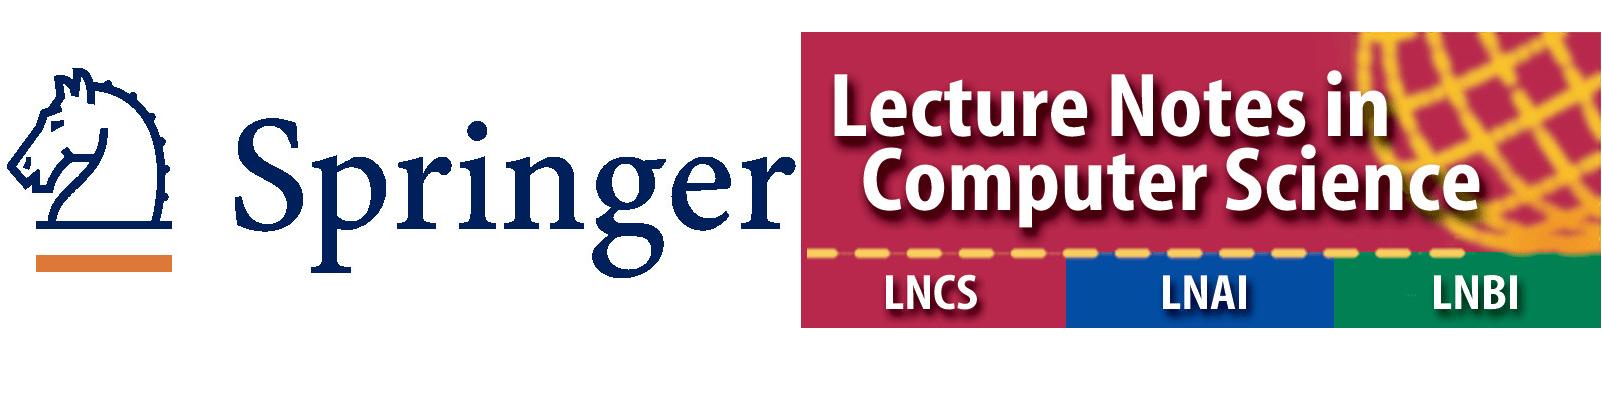 Springer's LNCS/LNBI